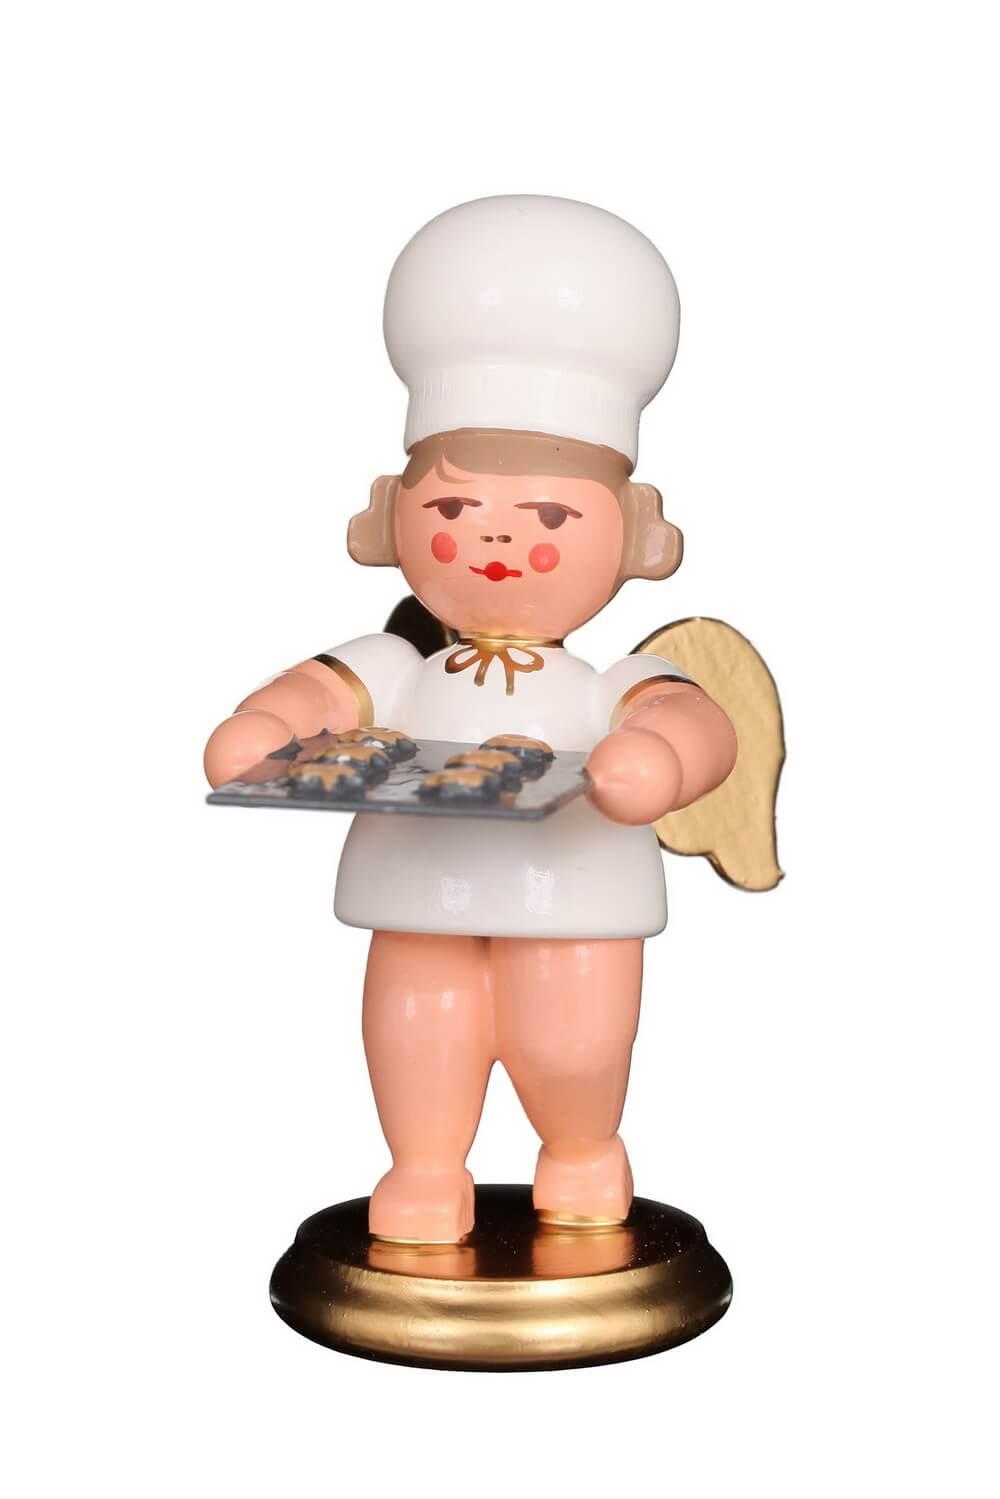 Weihnachtsengel - Bäckerengel, Engel mit Kuchenblech, 8 cm von Christian Ulbricht GmbH & Co KG Seiffen/ Erzgebirge